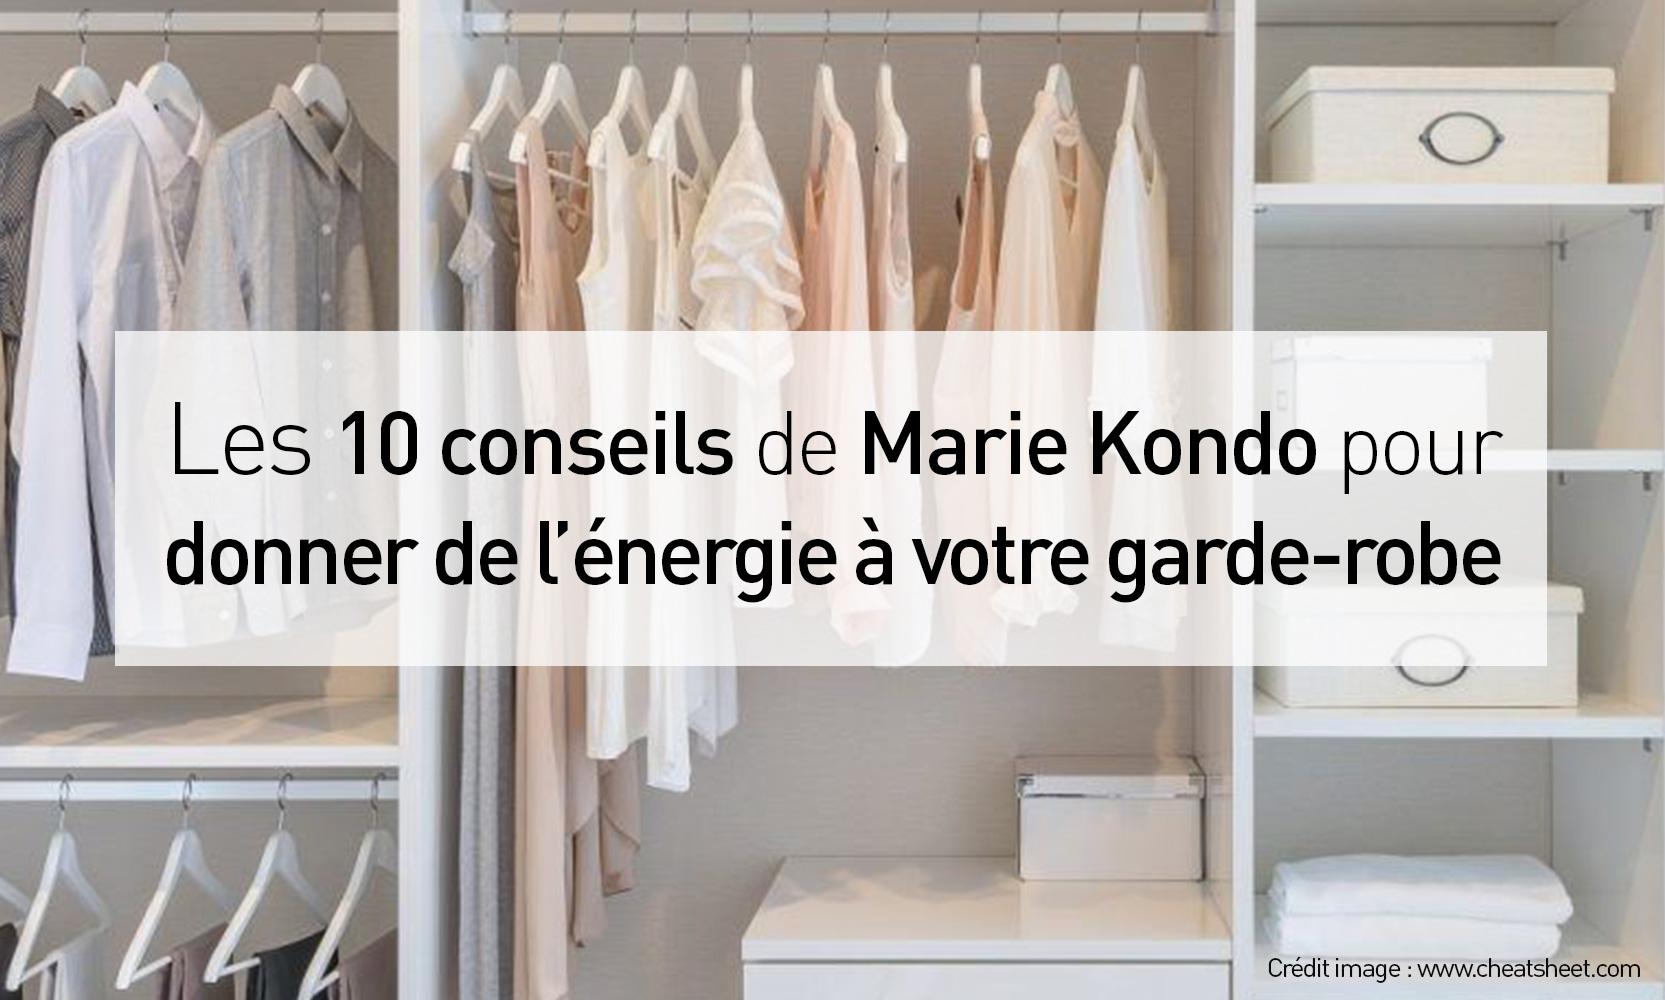 Pour Accrocher Les Vetements les 10 conseils de marie kondo pour donner de l'énergie à